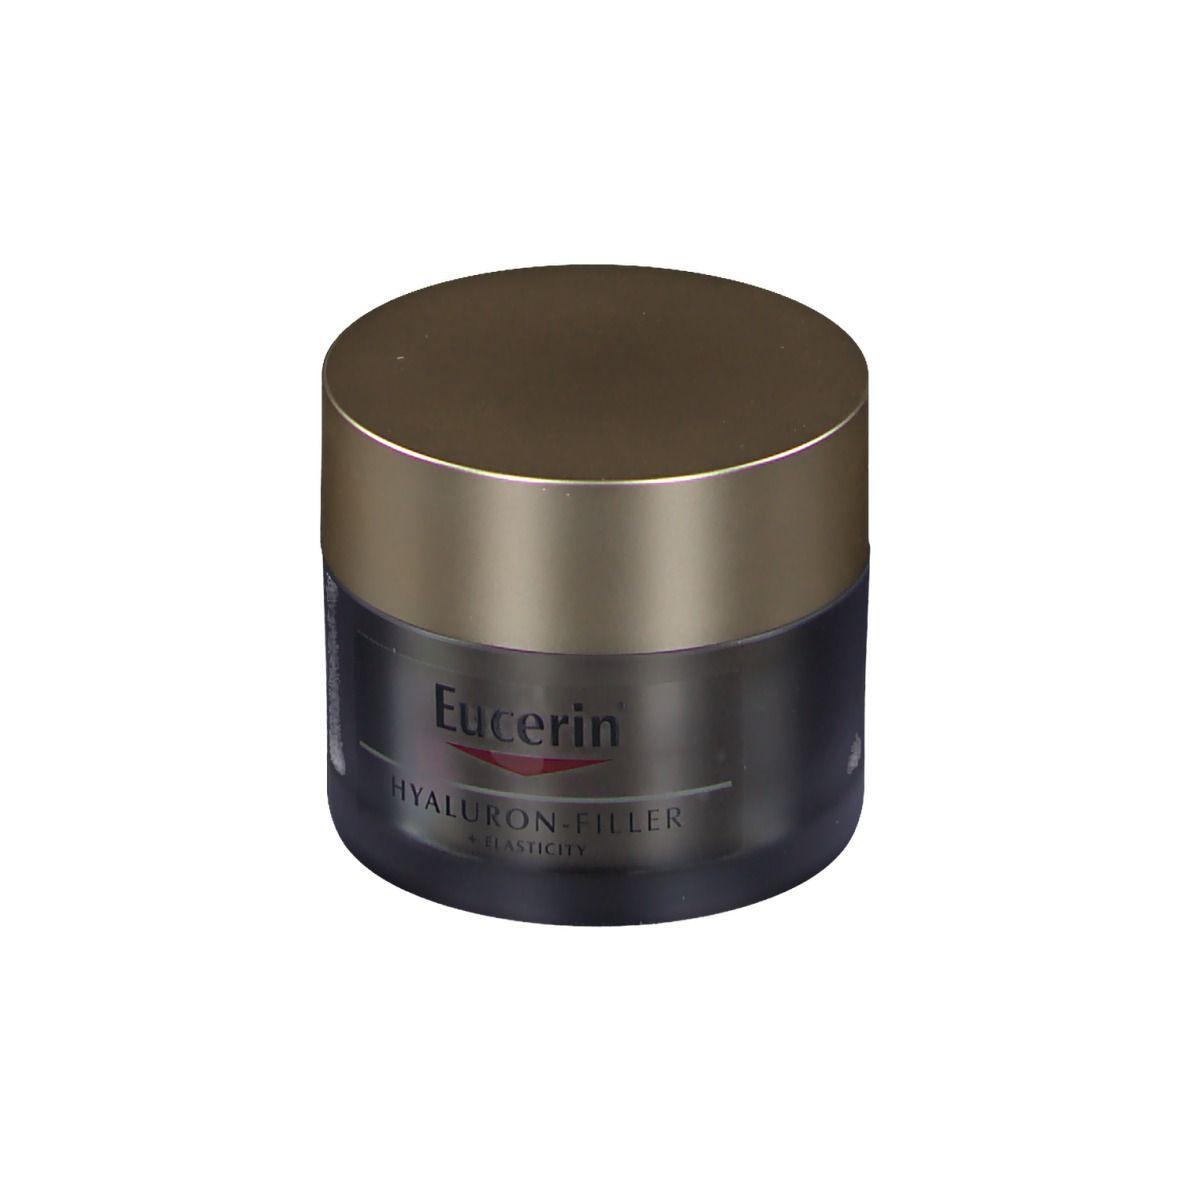 Eucerin® Hyaluron - Filler + Elasticity Crema Notte - shop